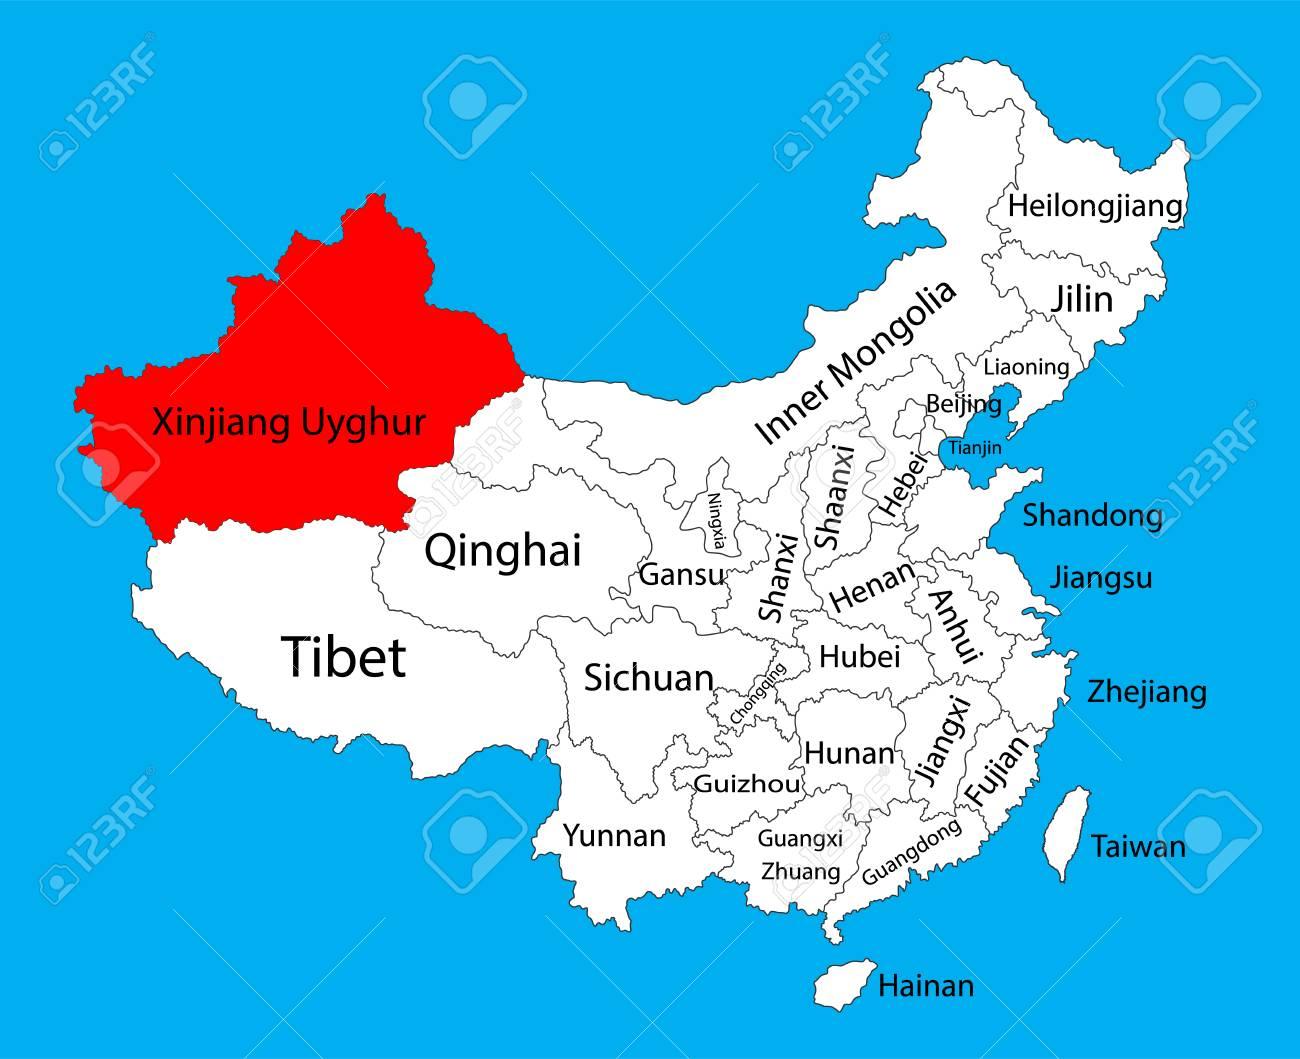 Xinjiang Uyghur Province Map China Vector Map Illustration